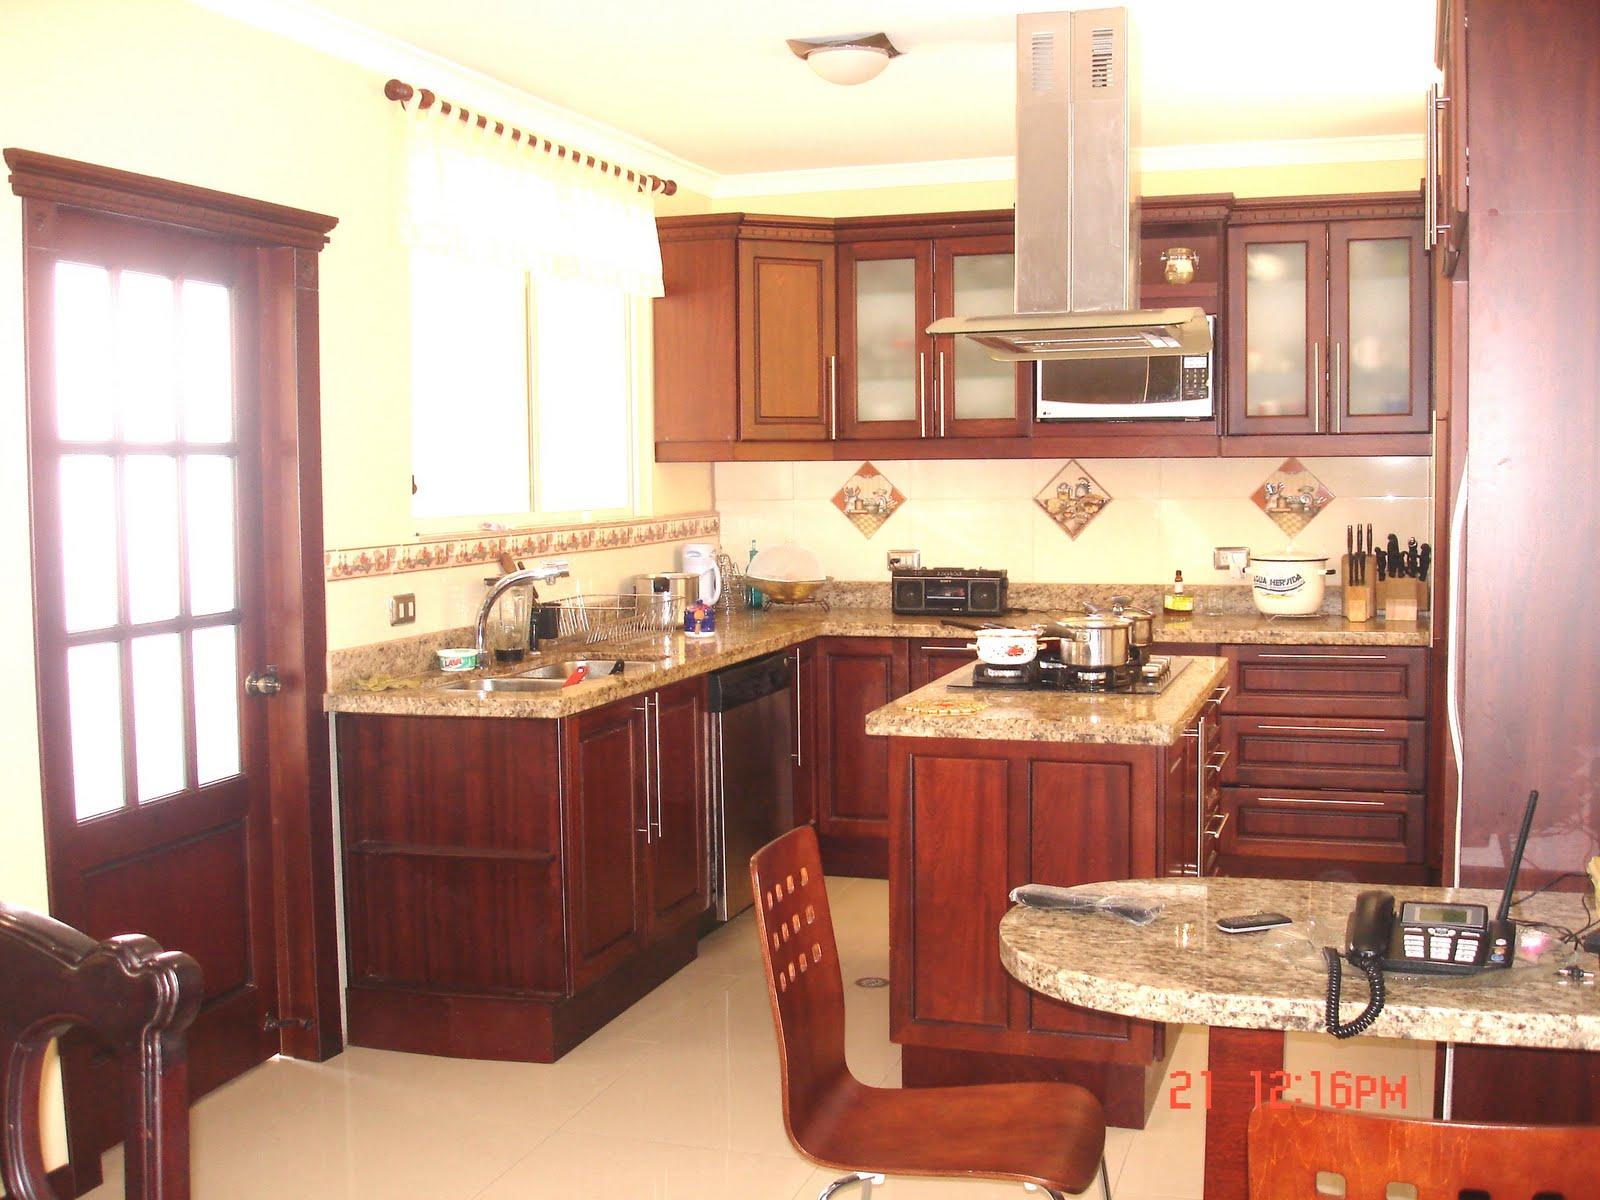 Muebles Cocina Prefabricados | Ideatumobiliario Muebles De Cocina